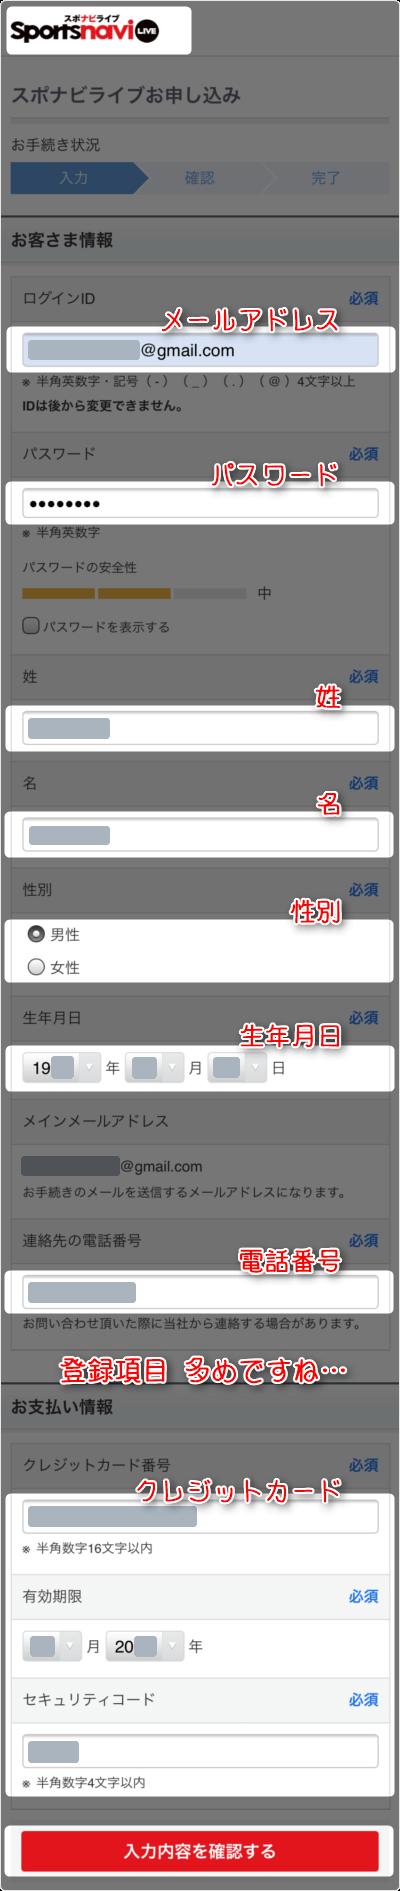 「メールアドレス」「パスワード」「姓名」「性別」「生年月日」「電話番号」「クレジットカード番号」を入力後に、「入力内容を確認する」タップ